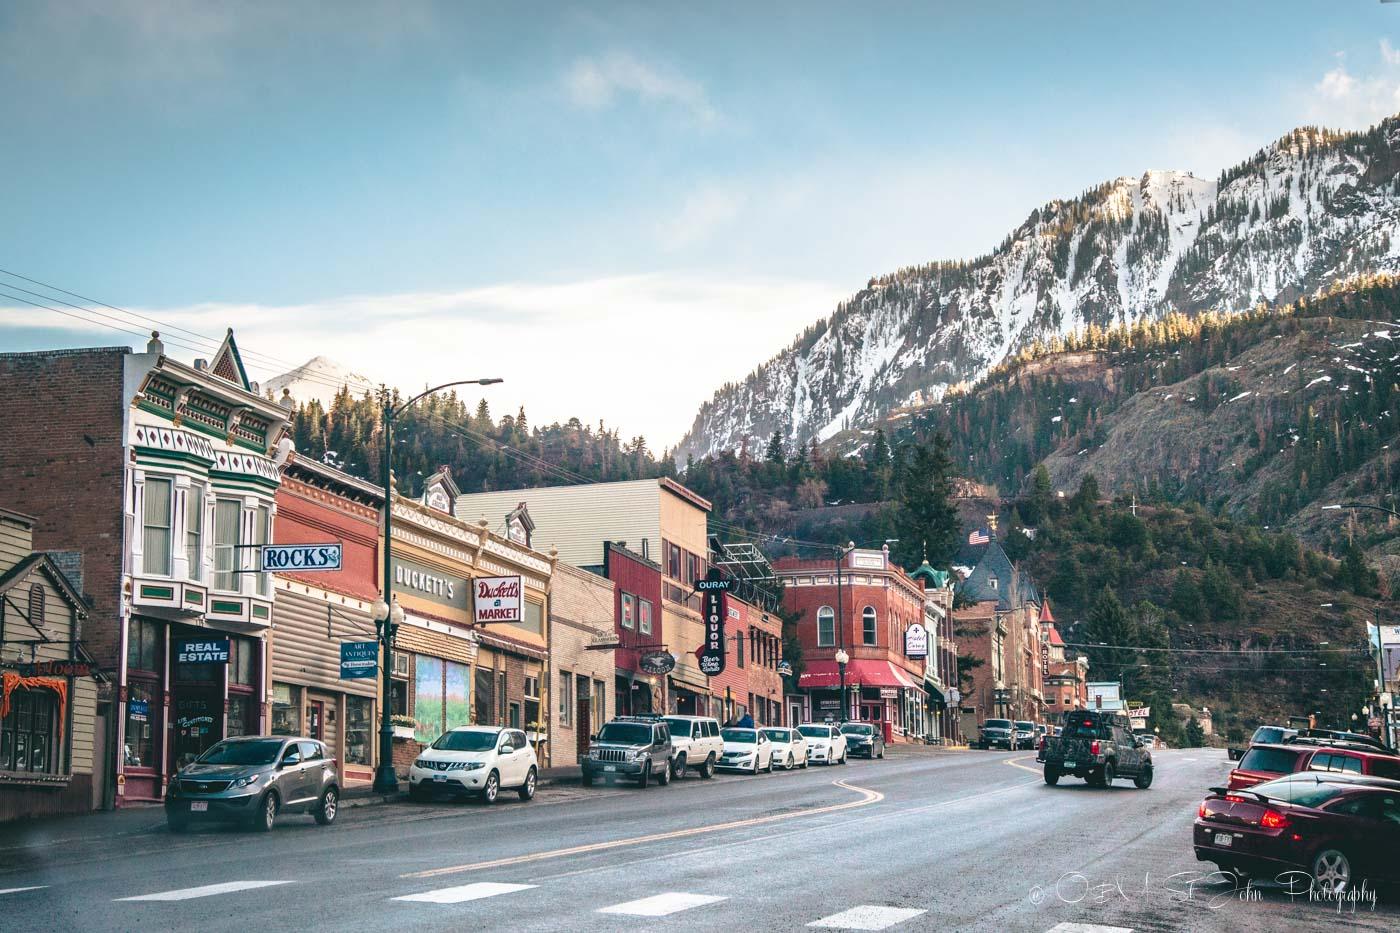 Colorado road trip: Main street in Ouray, Colorado. USA. Road Trip